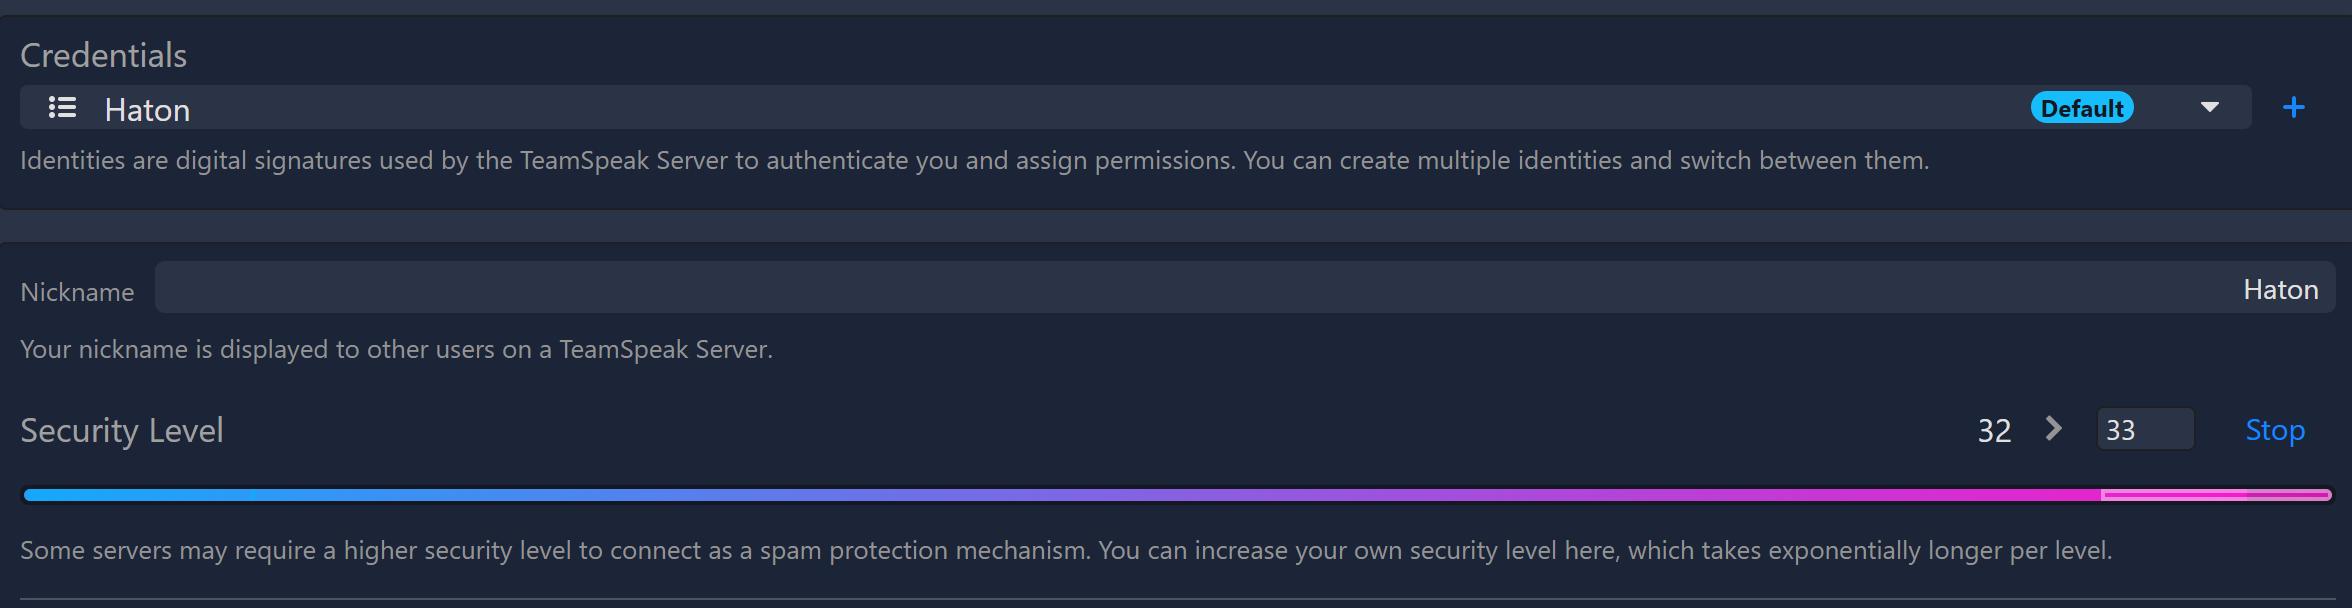 Sicherheitslevel in Teamspeak 5 erhöhen - Haton.net